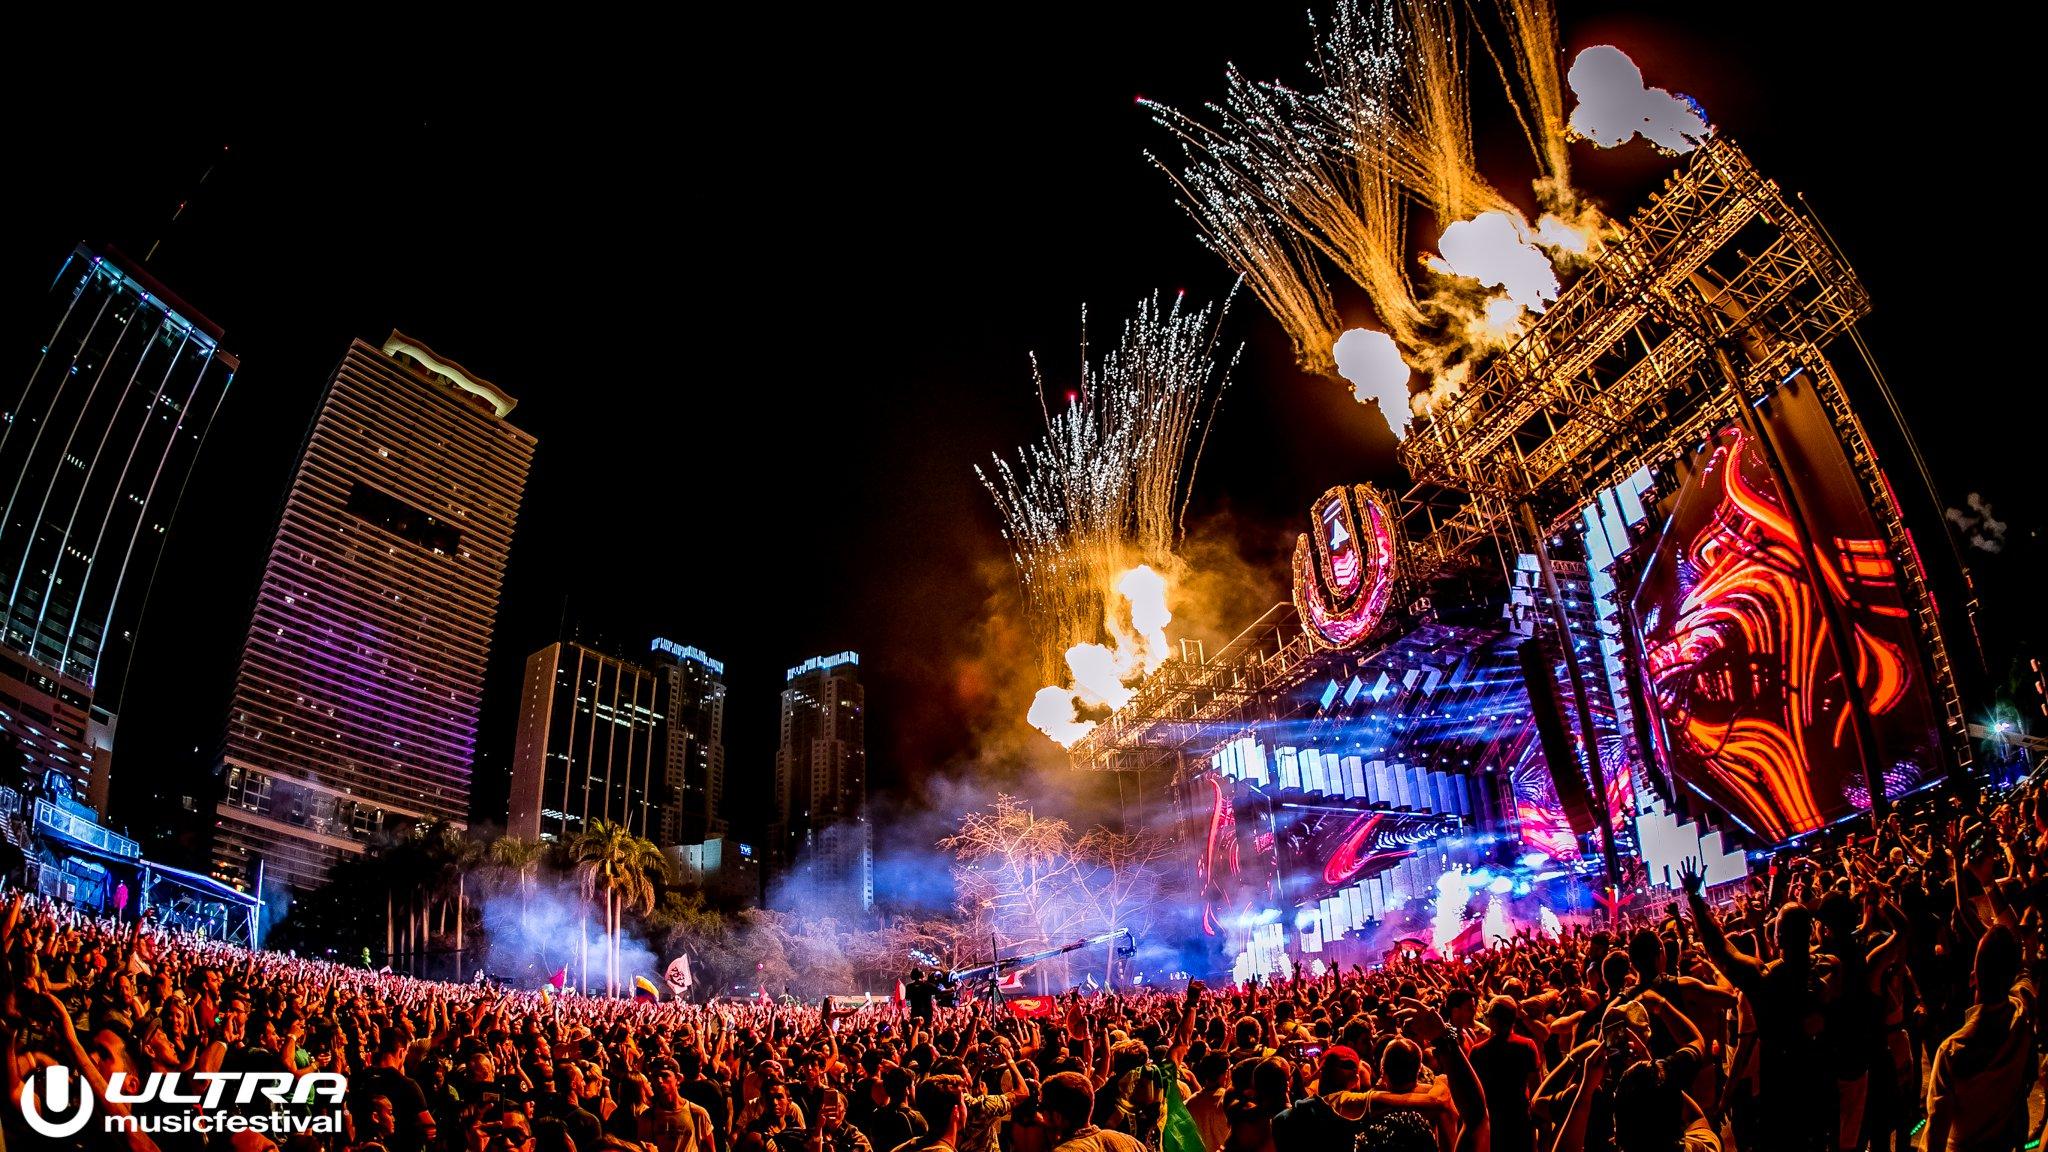 ¡El Ultra Music Festival ya no se realizará en Miami!